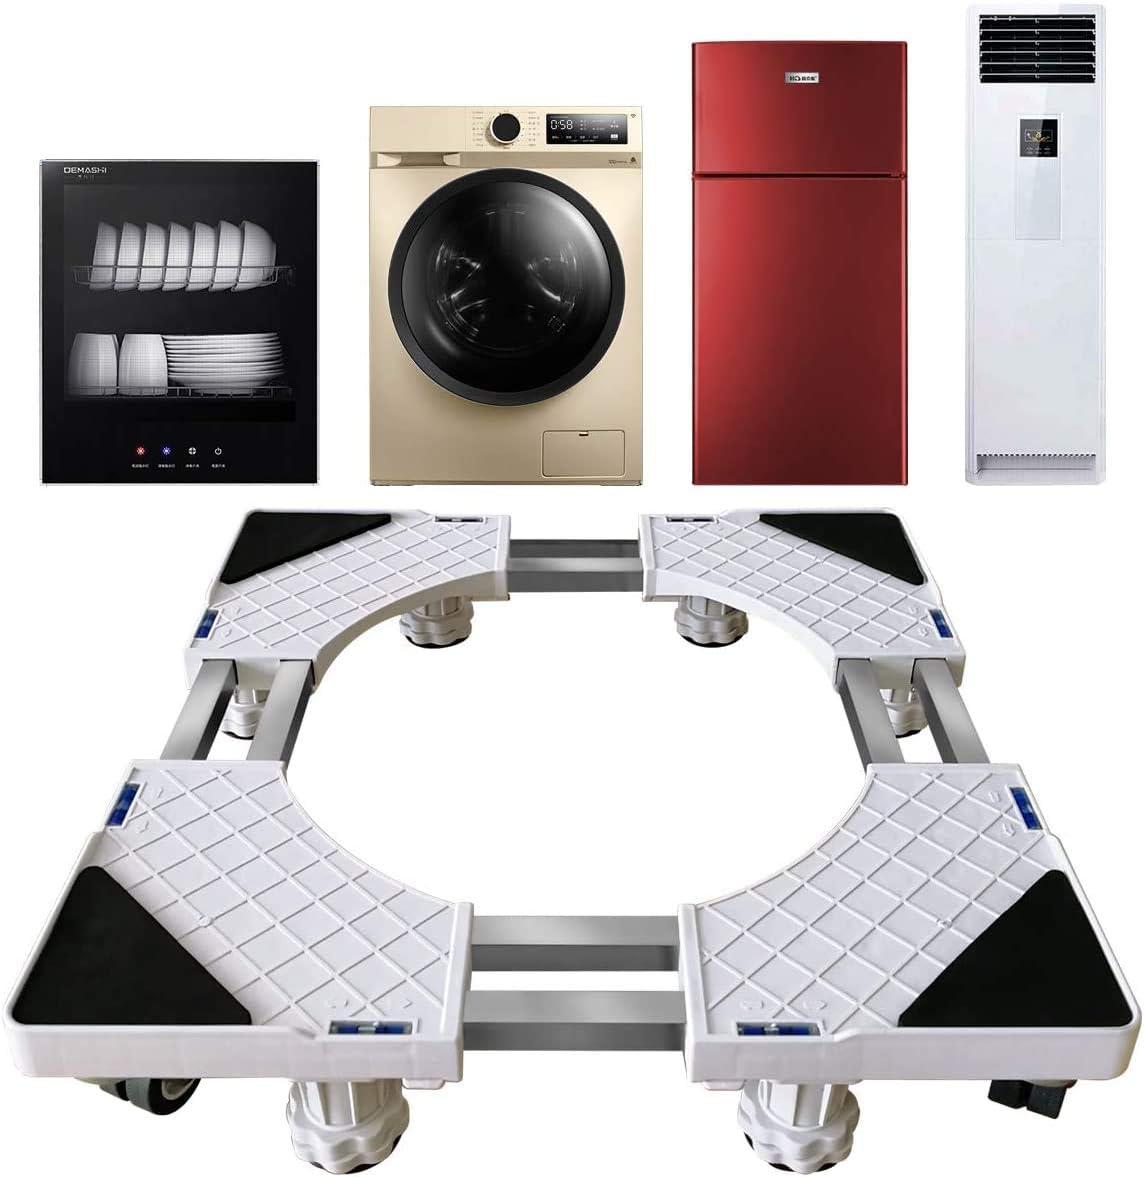 Glenmore Base Lavadora Ajustable Soporte Nevera Lavadora Secadora con 8 Ruedas y 8 Pies para Movil Electrodomesticos